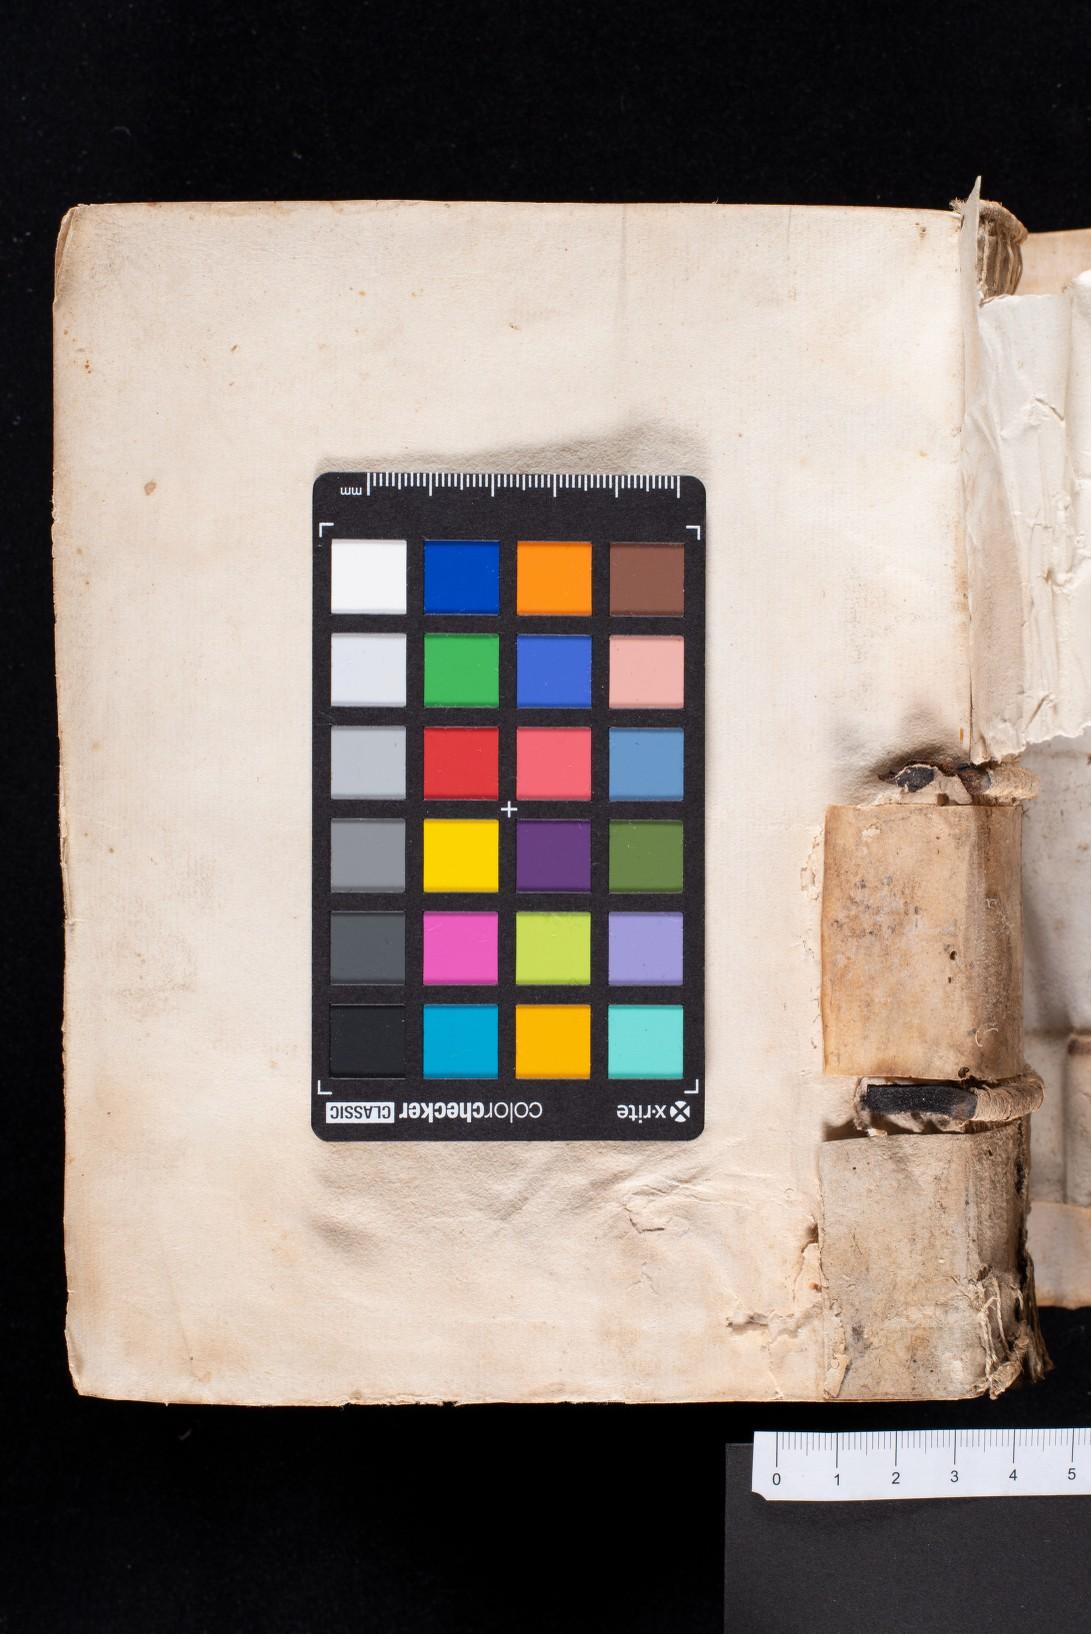 Colorchecker